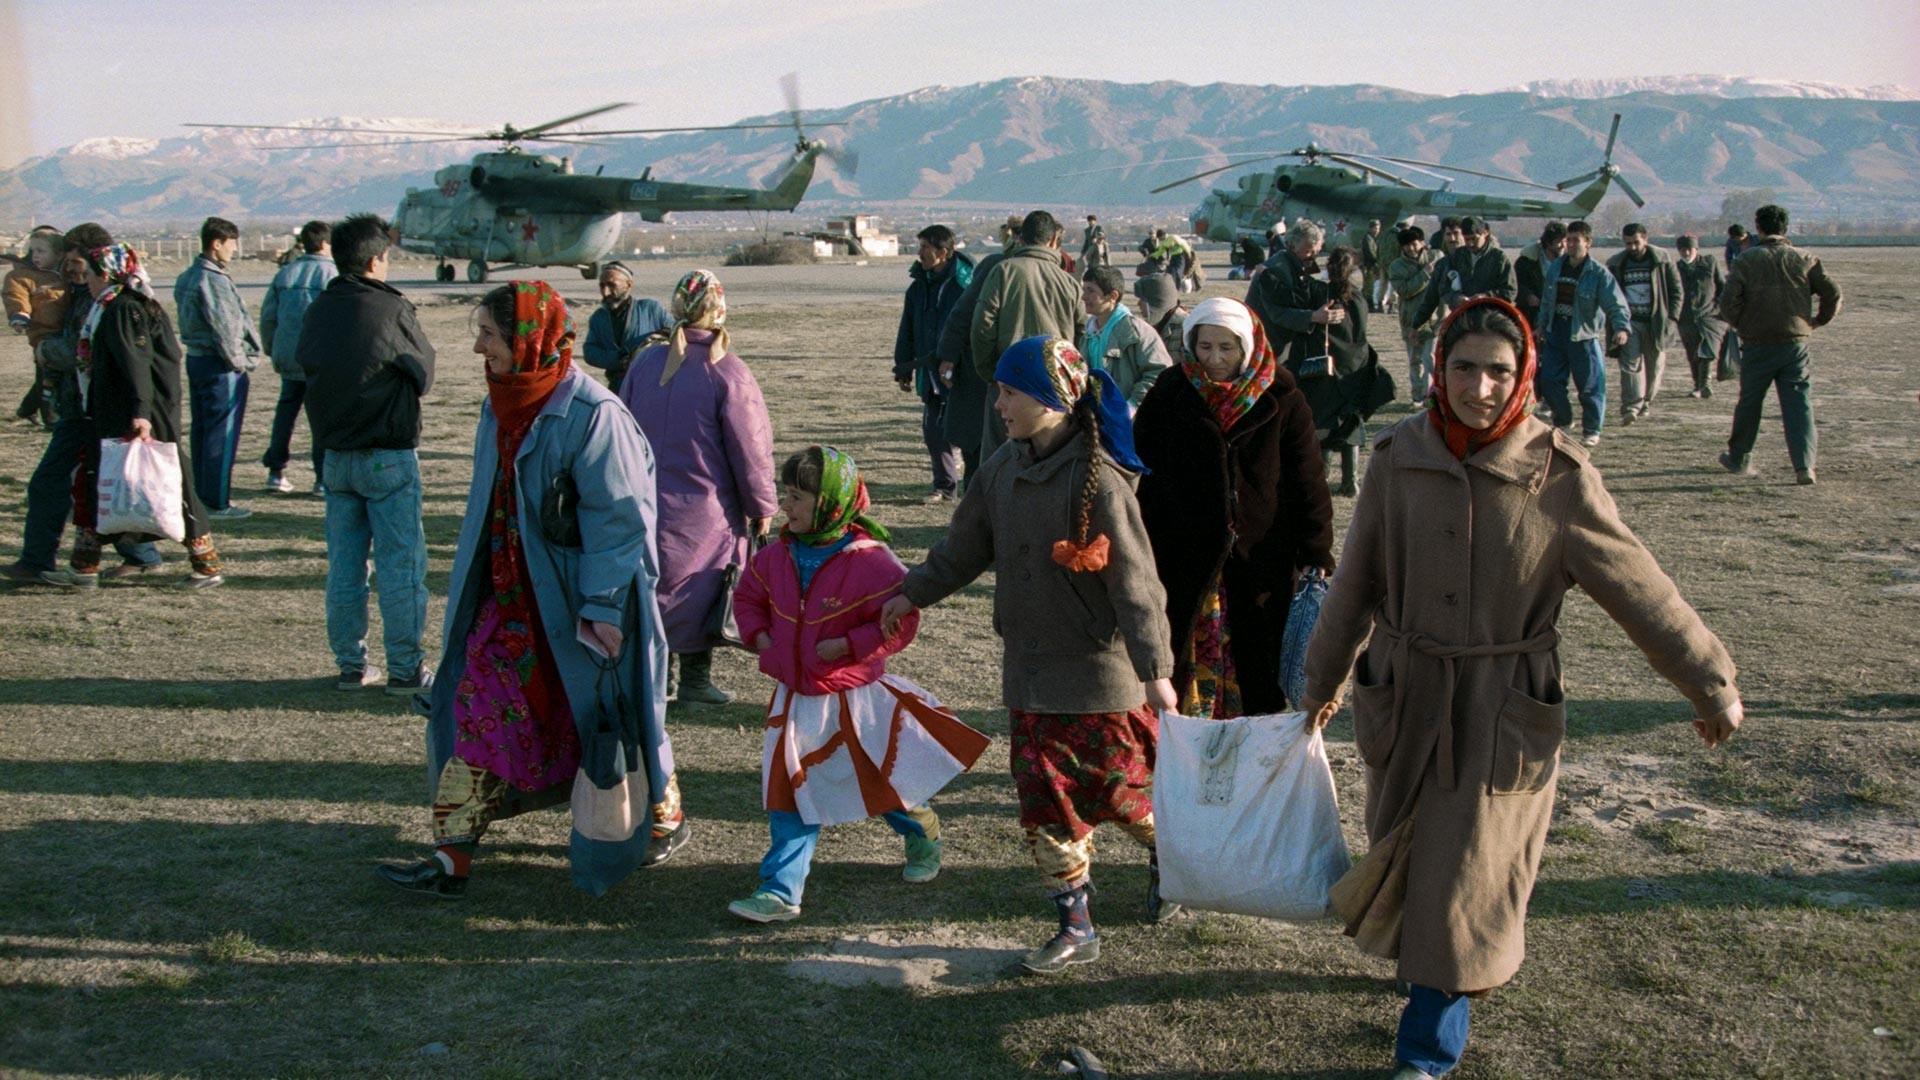 Коалиционните миротворчески сили обезпечават доставката на храна с хеликоптер до гладуващите района на Памир.